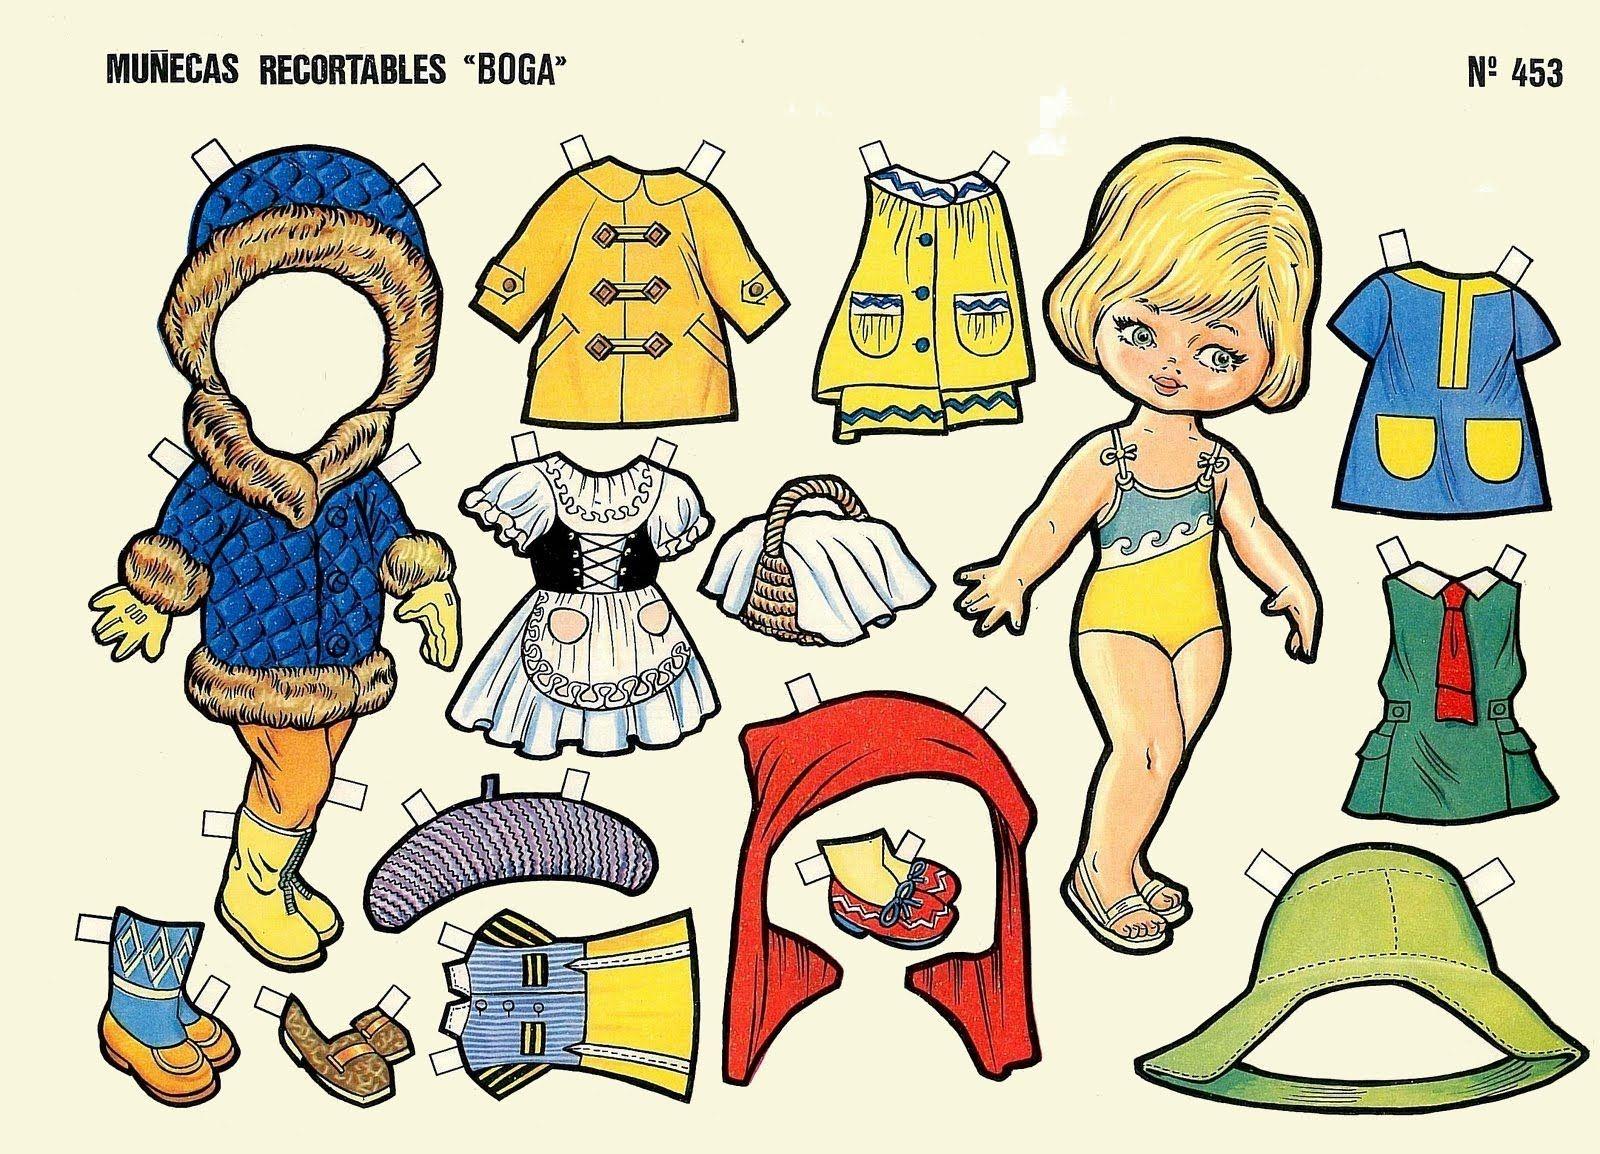 Muñeca Recortable 8 Juegos De Vestir Muñecas Recortables